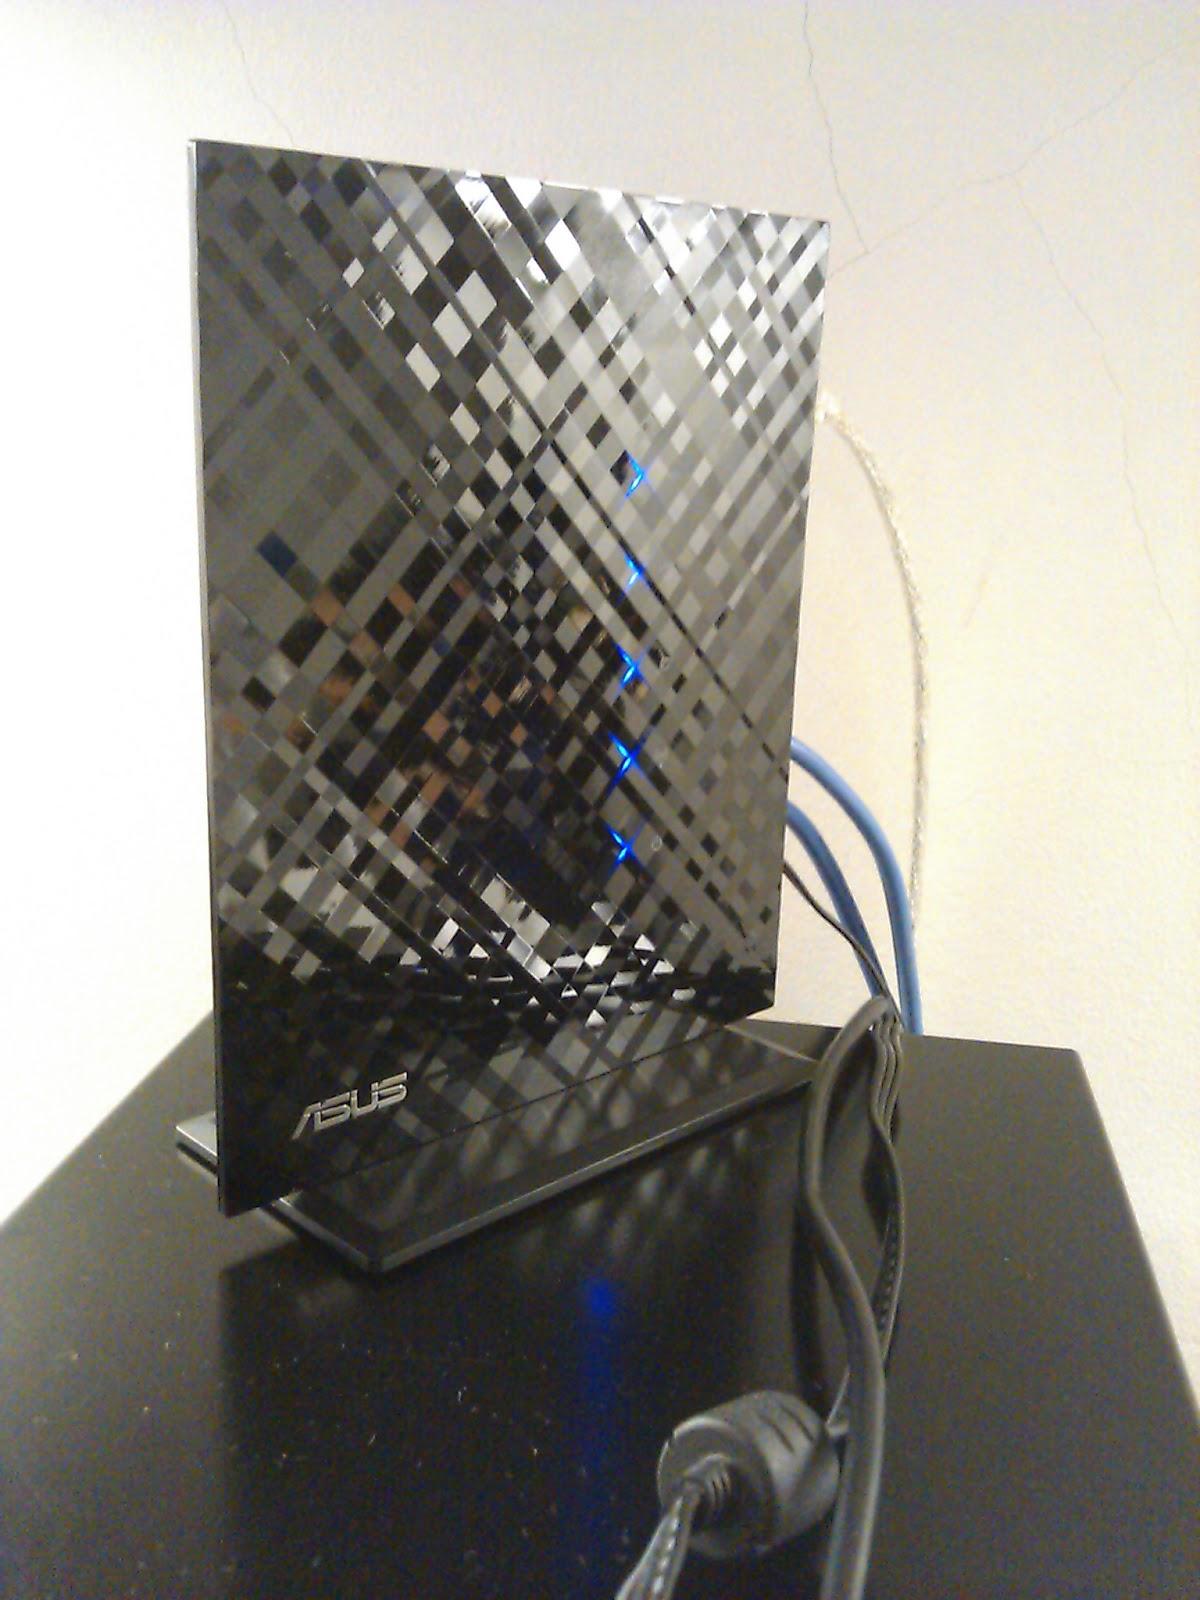 The Budget Geek ASUS RT N15U Black Diamond Router